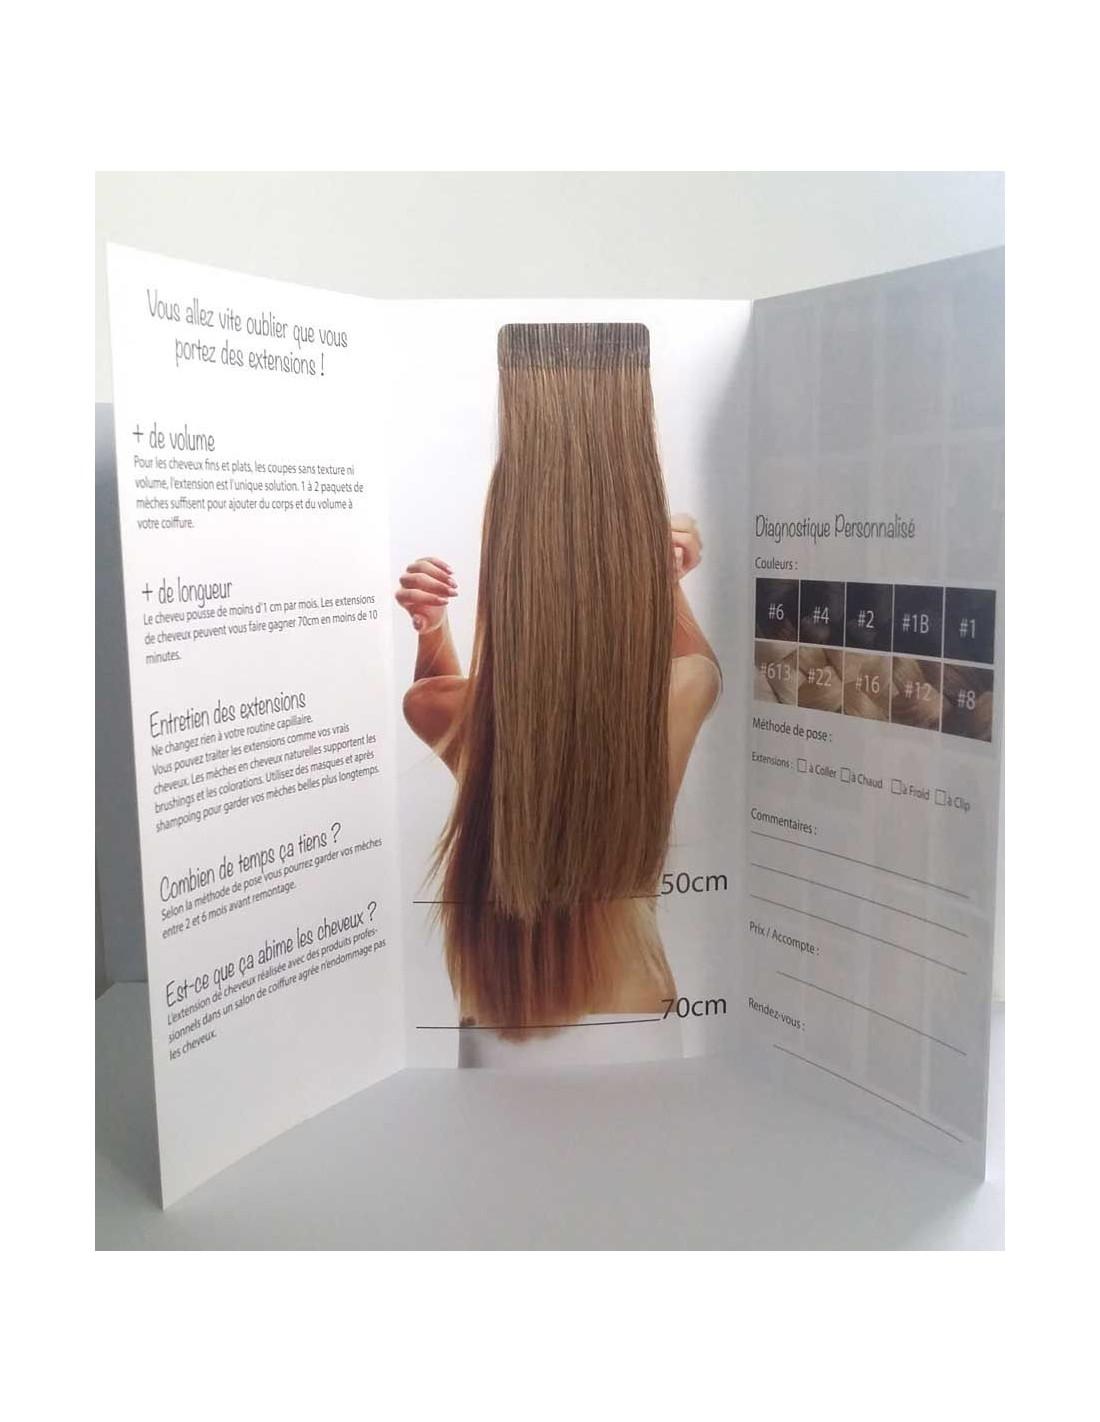 Salon de coiffure extension de cheveux coiffures for Salon extension cheveux paris